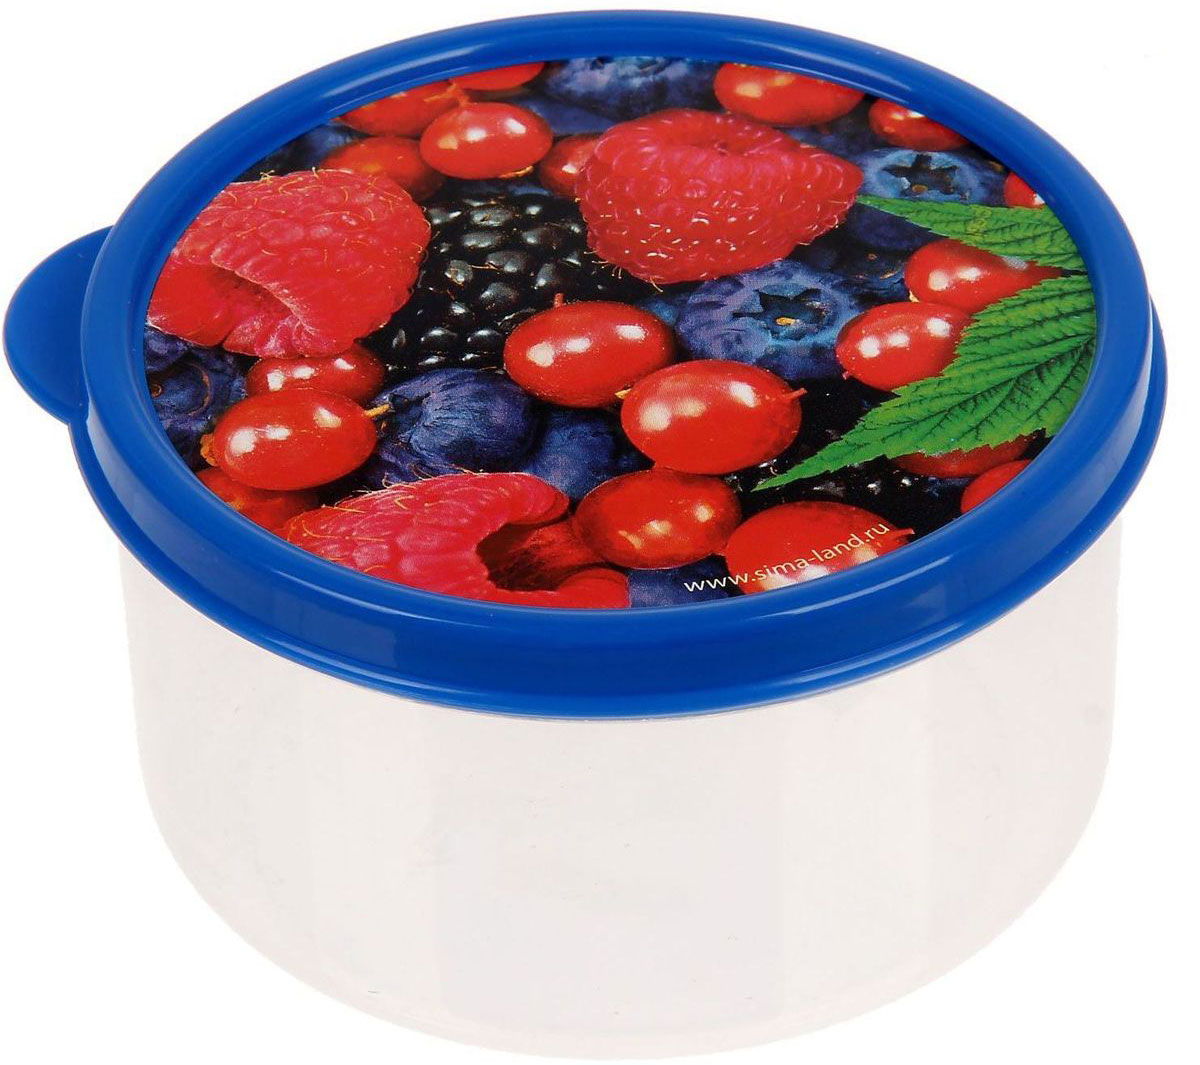 Ланч-бокс Доляна №1, круглый, 300 млSC-FD421005Если после вкусного обеда осталась еда, а насладиться трапезой хочется и на следующий день, ланч-бокс станет отличным решением данной проблемы!Такой контейнер является незаменимым предметом кухонной утвари, ведь у него много преимуществ:Простота ухода. Ланч-бокс достаточно промыть тёплой водой с небольшим количеством чистящего средства, и он снова готов к использованию.Вместительность. Большой выбор форм и объёма поможет разместить разнообразные продукты от сахара до супов.Эргономичность. Ланч-боксы очень легко хранить даже в самой маленькой кухне, так как их можно поставить один в другой по принципу матрёшки.Многофункциональность. Разнообразие цветов и форм делает возможным использование контейнеров не только на кухне, но и в других областях домашнего быта.Любители приготовления обеда на всю семью в большинстве случаев приобретают ланч-боксы наборами, так как это позволяет рассортировать продукты по всевозможным признакам. К тому же контейнеры среднего размера станут незаменимыми помощниками на работе: ведь что может быть приятнее, чем порадовать себя во время обеда прекрасной едой, заботливо сохранённой в контейнере?В качестве материала для изготовления используется пластик, что делает процесс ухода за контейнером ещё более эффективным. К каждому ланч-боксу в комплекте также прилагается крышка подходящего размера, это позволяет плотно и надёжно удерживать запах еды и упрощает процесс транспортировки.Однако рекомендуется соблюдать и меры предосторожности: не использовать пластиковые контейнеры в духовых шкафах и на открытом огне, а также не разогревать в микроволновых печах при закрытой крышке ланч-бокса. Соблюдение мер безопасности позволит продлить срок эксплуатации и сохранить отличный внешний вид изделия.Эргономичный дизайн и многофункциональность таких контейнеров — вот, что является причиной большой популярности данного предмета у каждой хозяйки. А в преддверии лета и дачного сезона такое приобретение позволит по